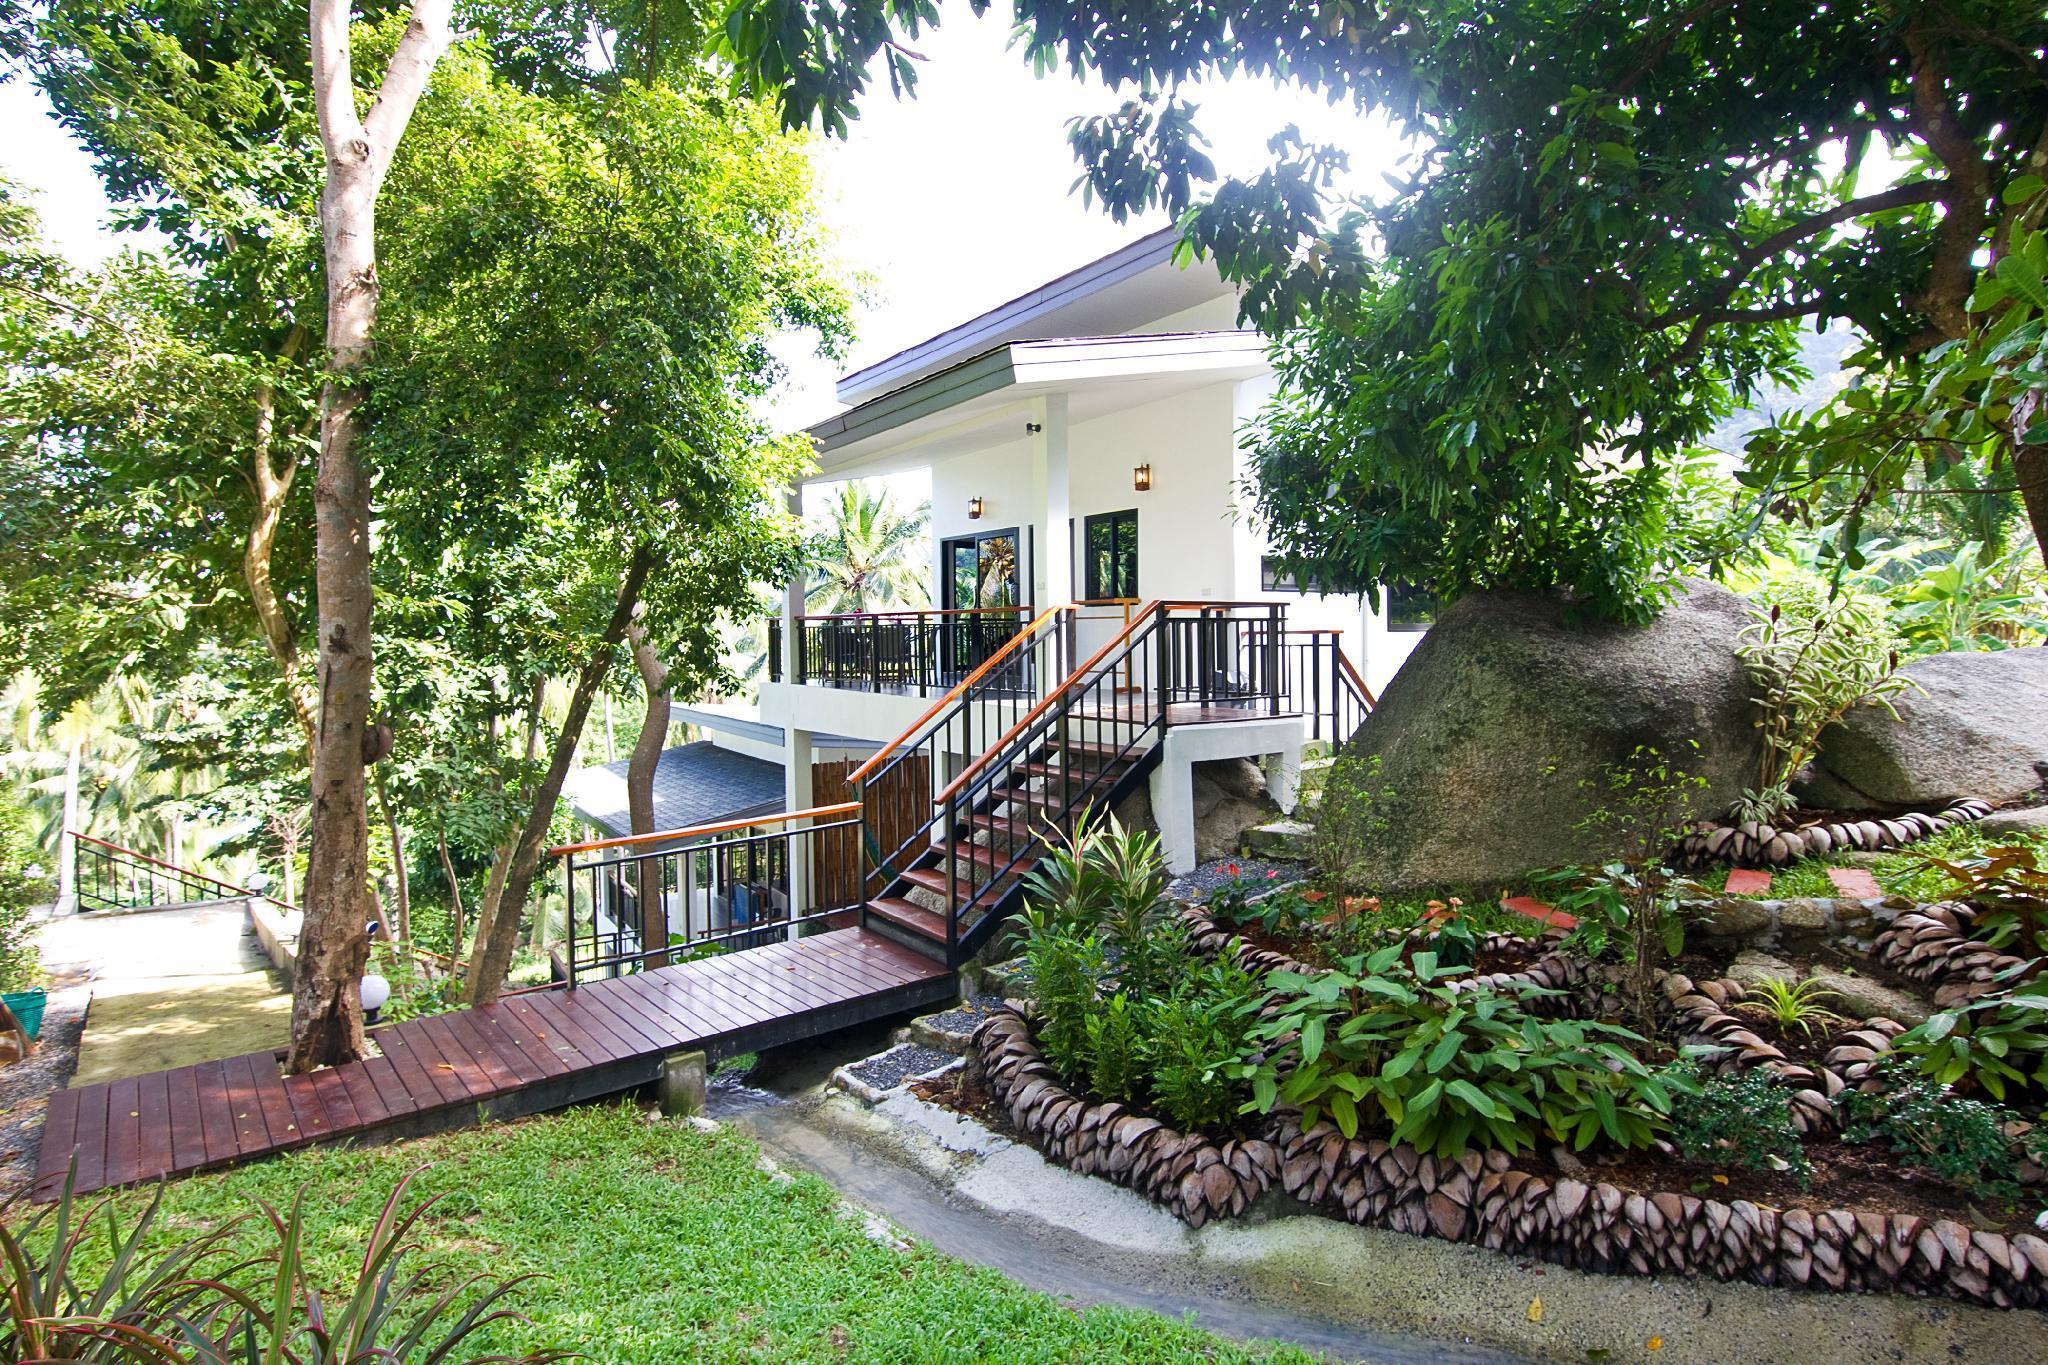 Waterfall, Sea/Jungle View Villa วิลลา 2 ห้องนอน 1 ห้องน้ำส่วนตัว ขนาด 86 ตร.ม. – ท้องนายปานใหญ่